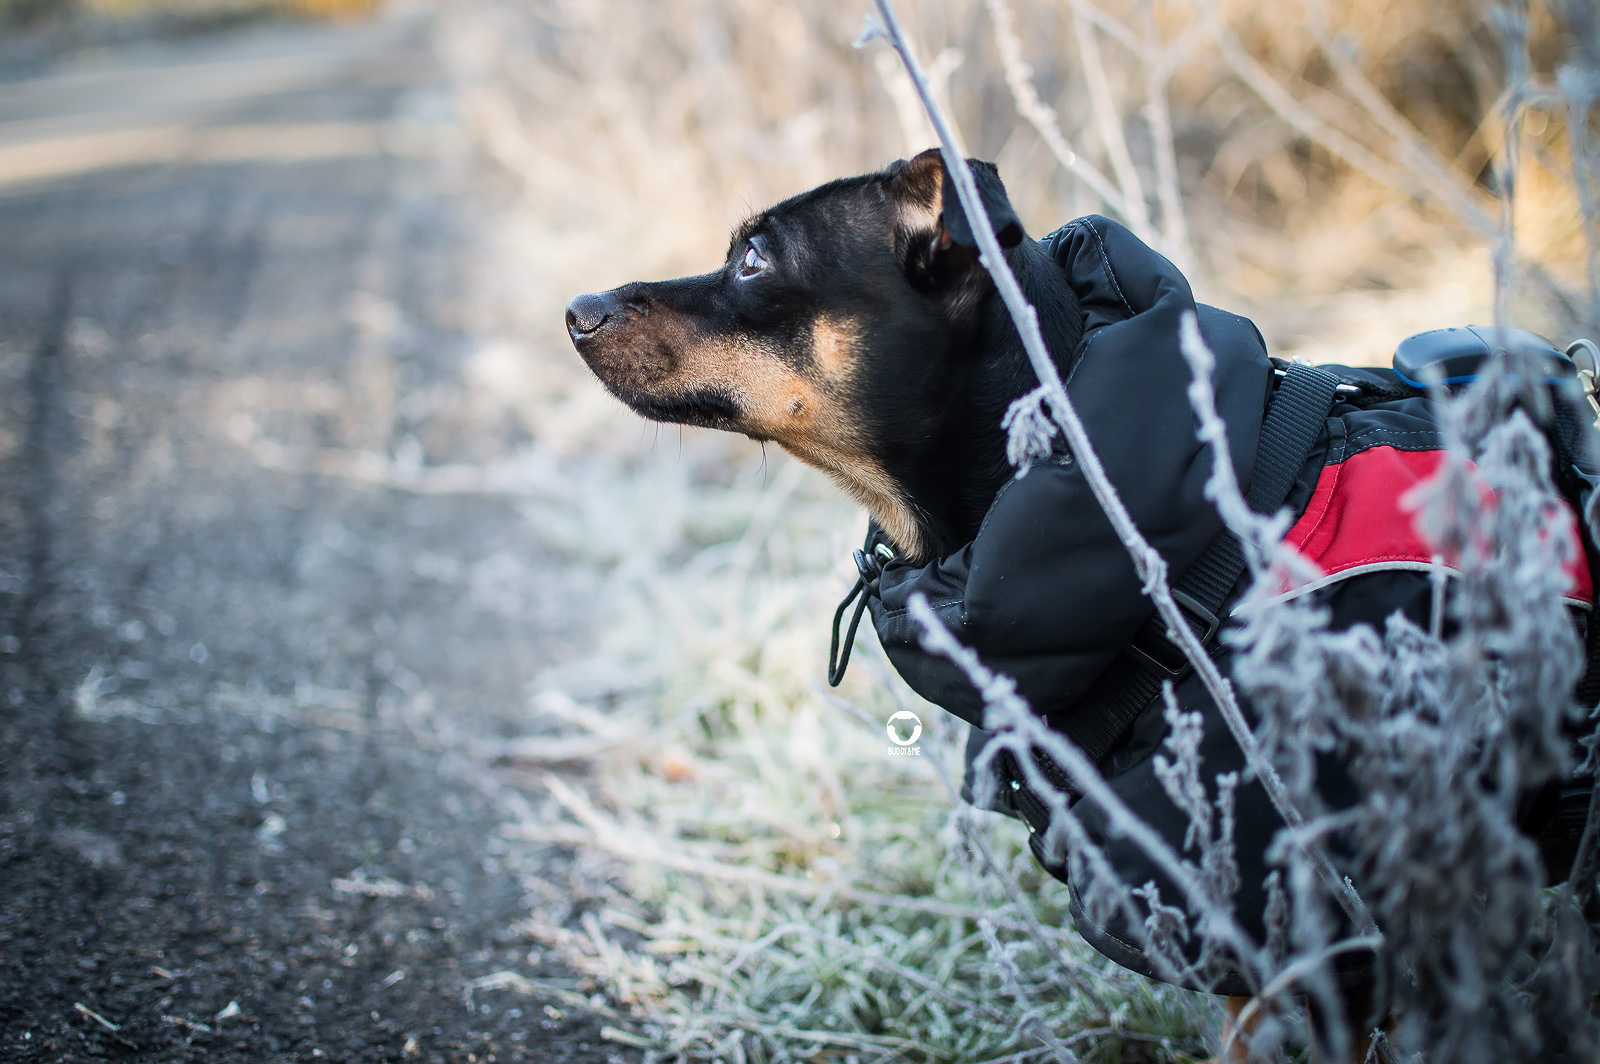 Pinscher Buddy, Buddy and Me, Hundeblog, Dogblog, Ruhrgebiet, Leben mit Hund, Hundealltag, Winter, Frost, Ratingen, Januar, Hundemantel, Sonne, Gassi